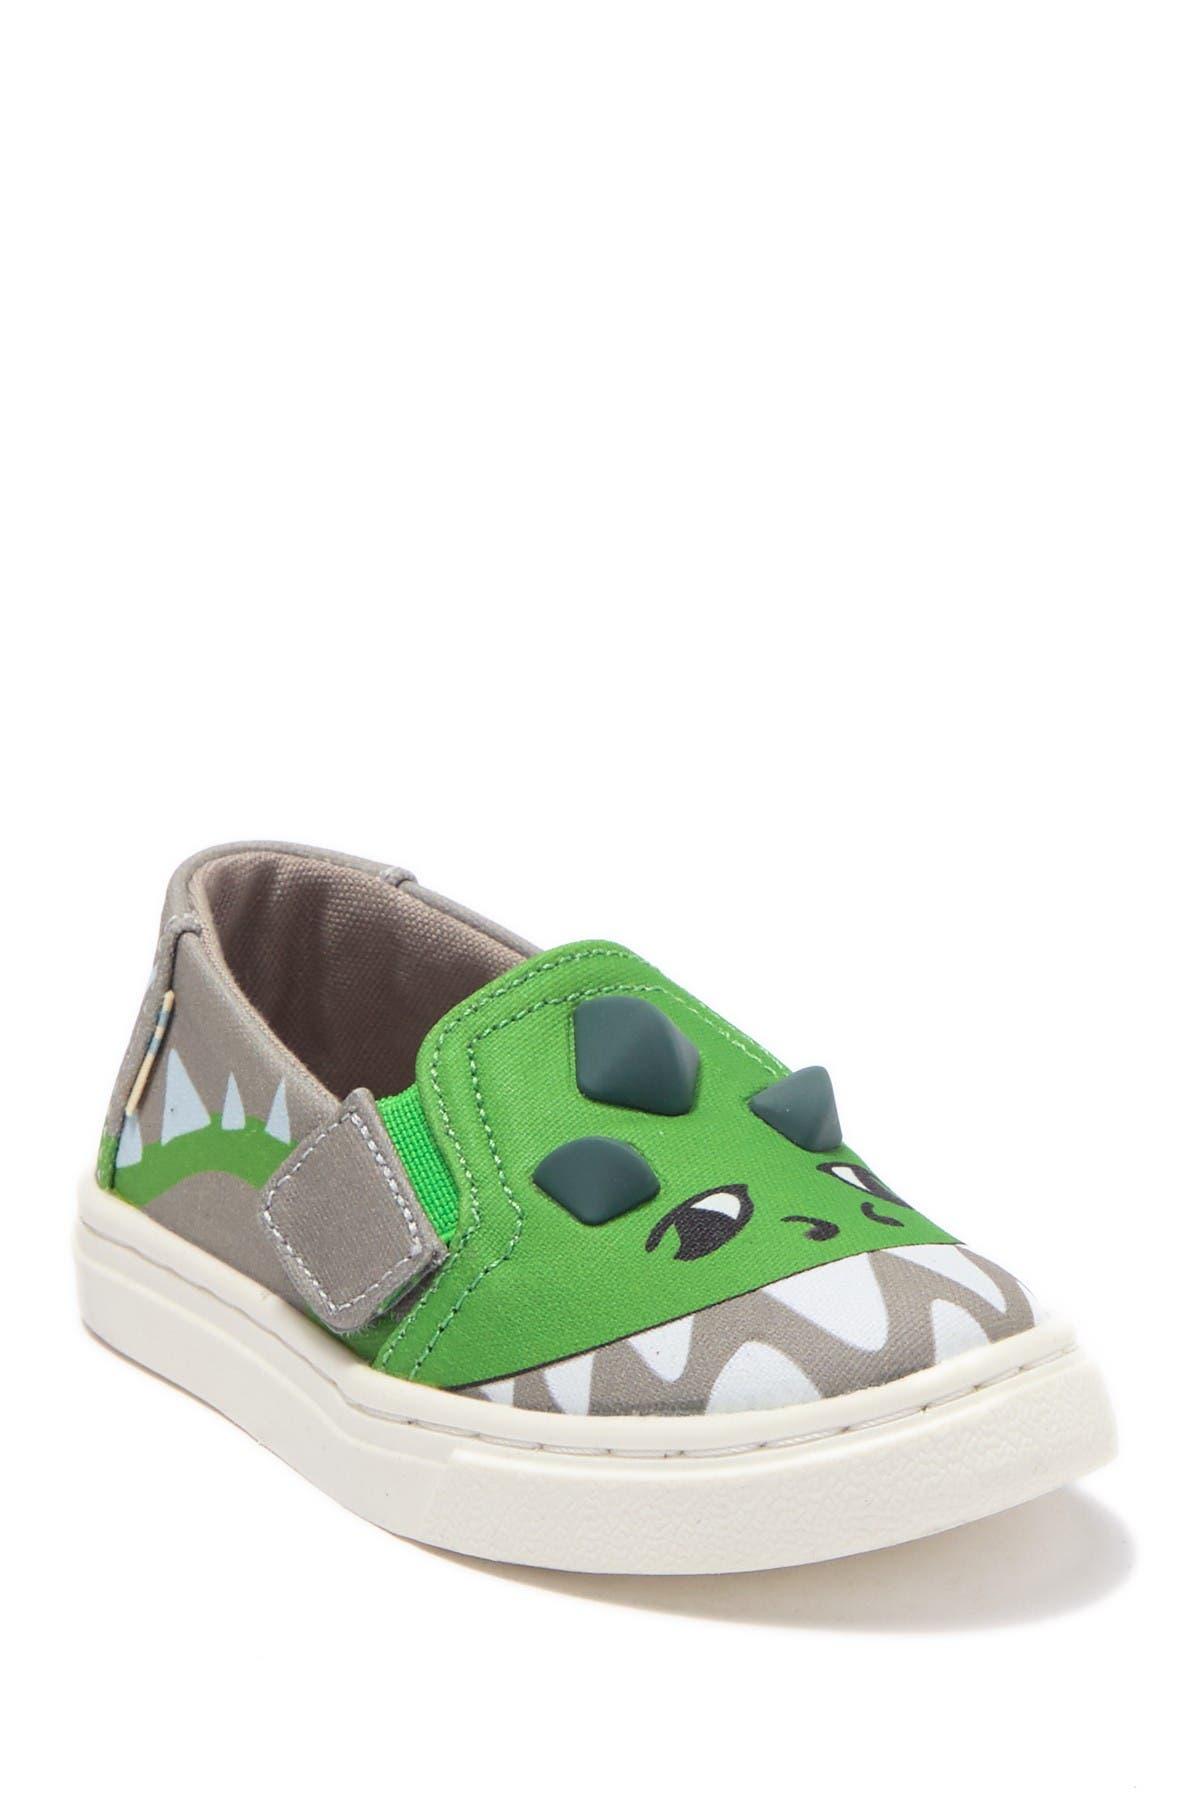 TOMS   Luca Dinosaur Slip-On Flat